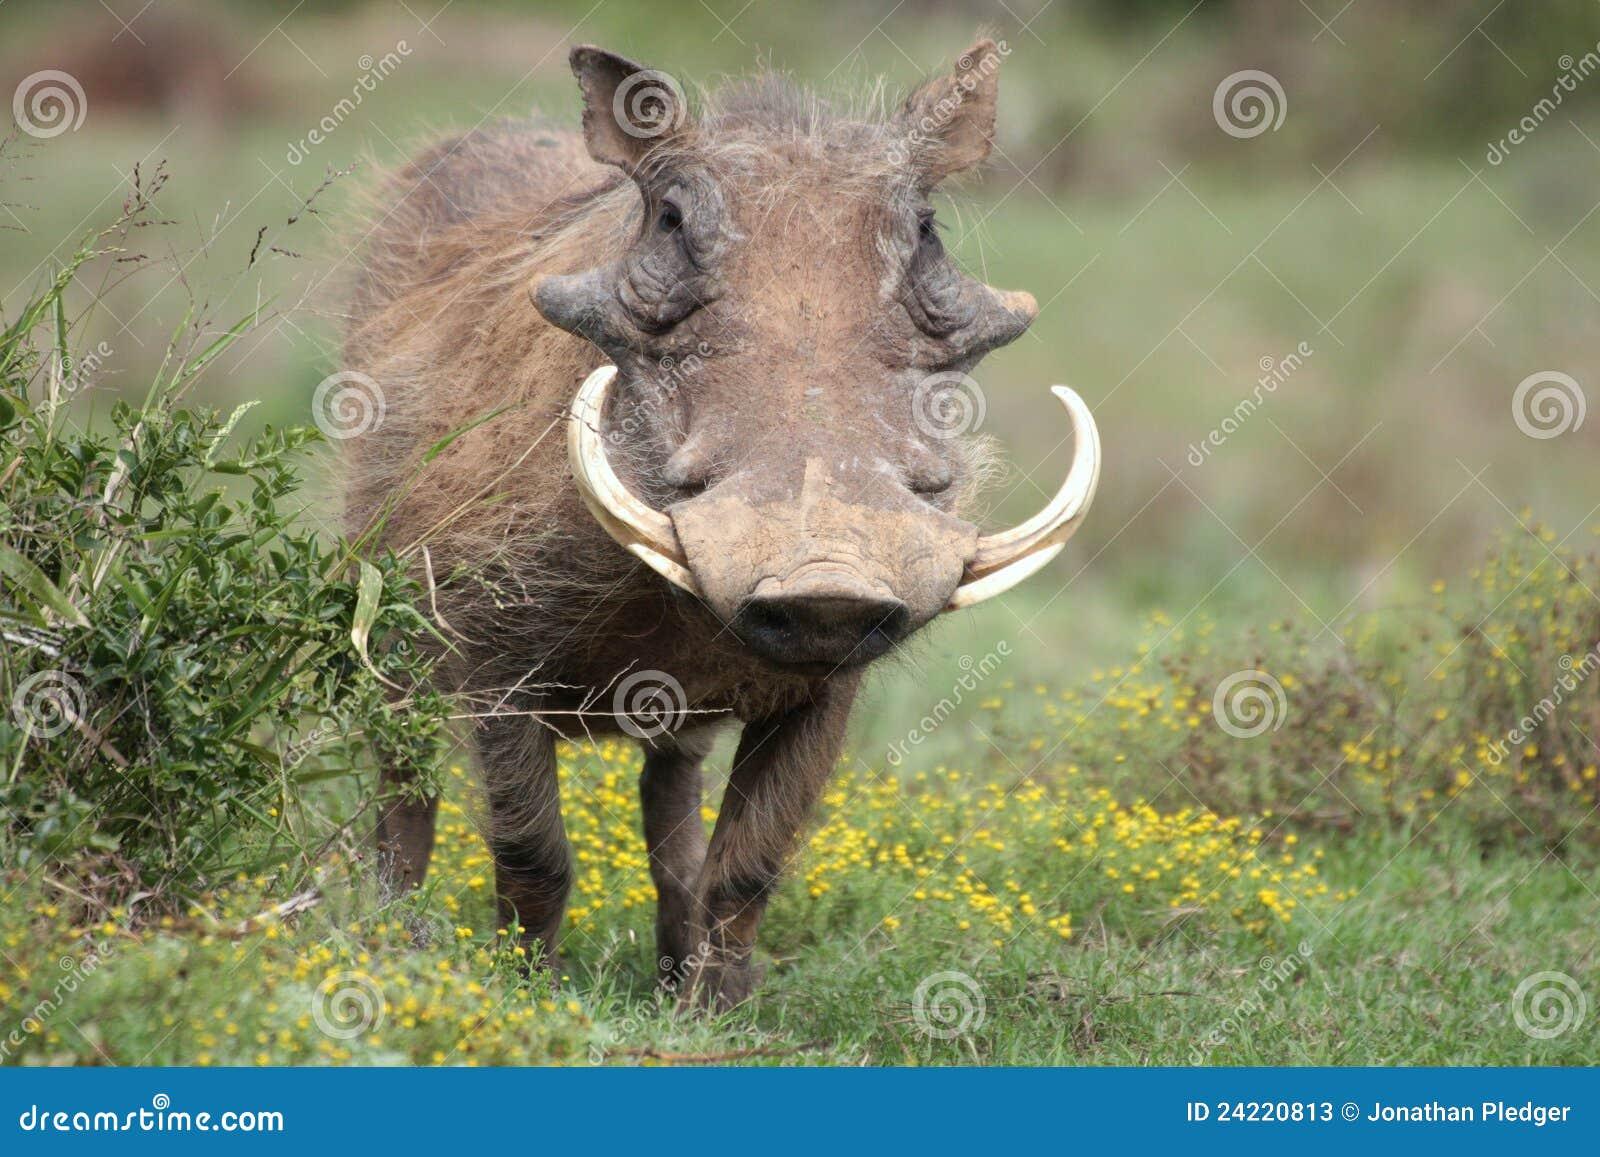 Een wrattenzwijn met grote slagtanden.